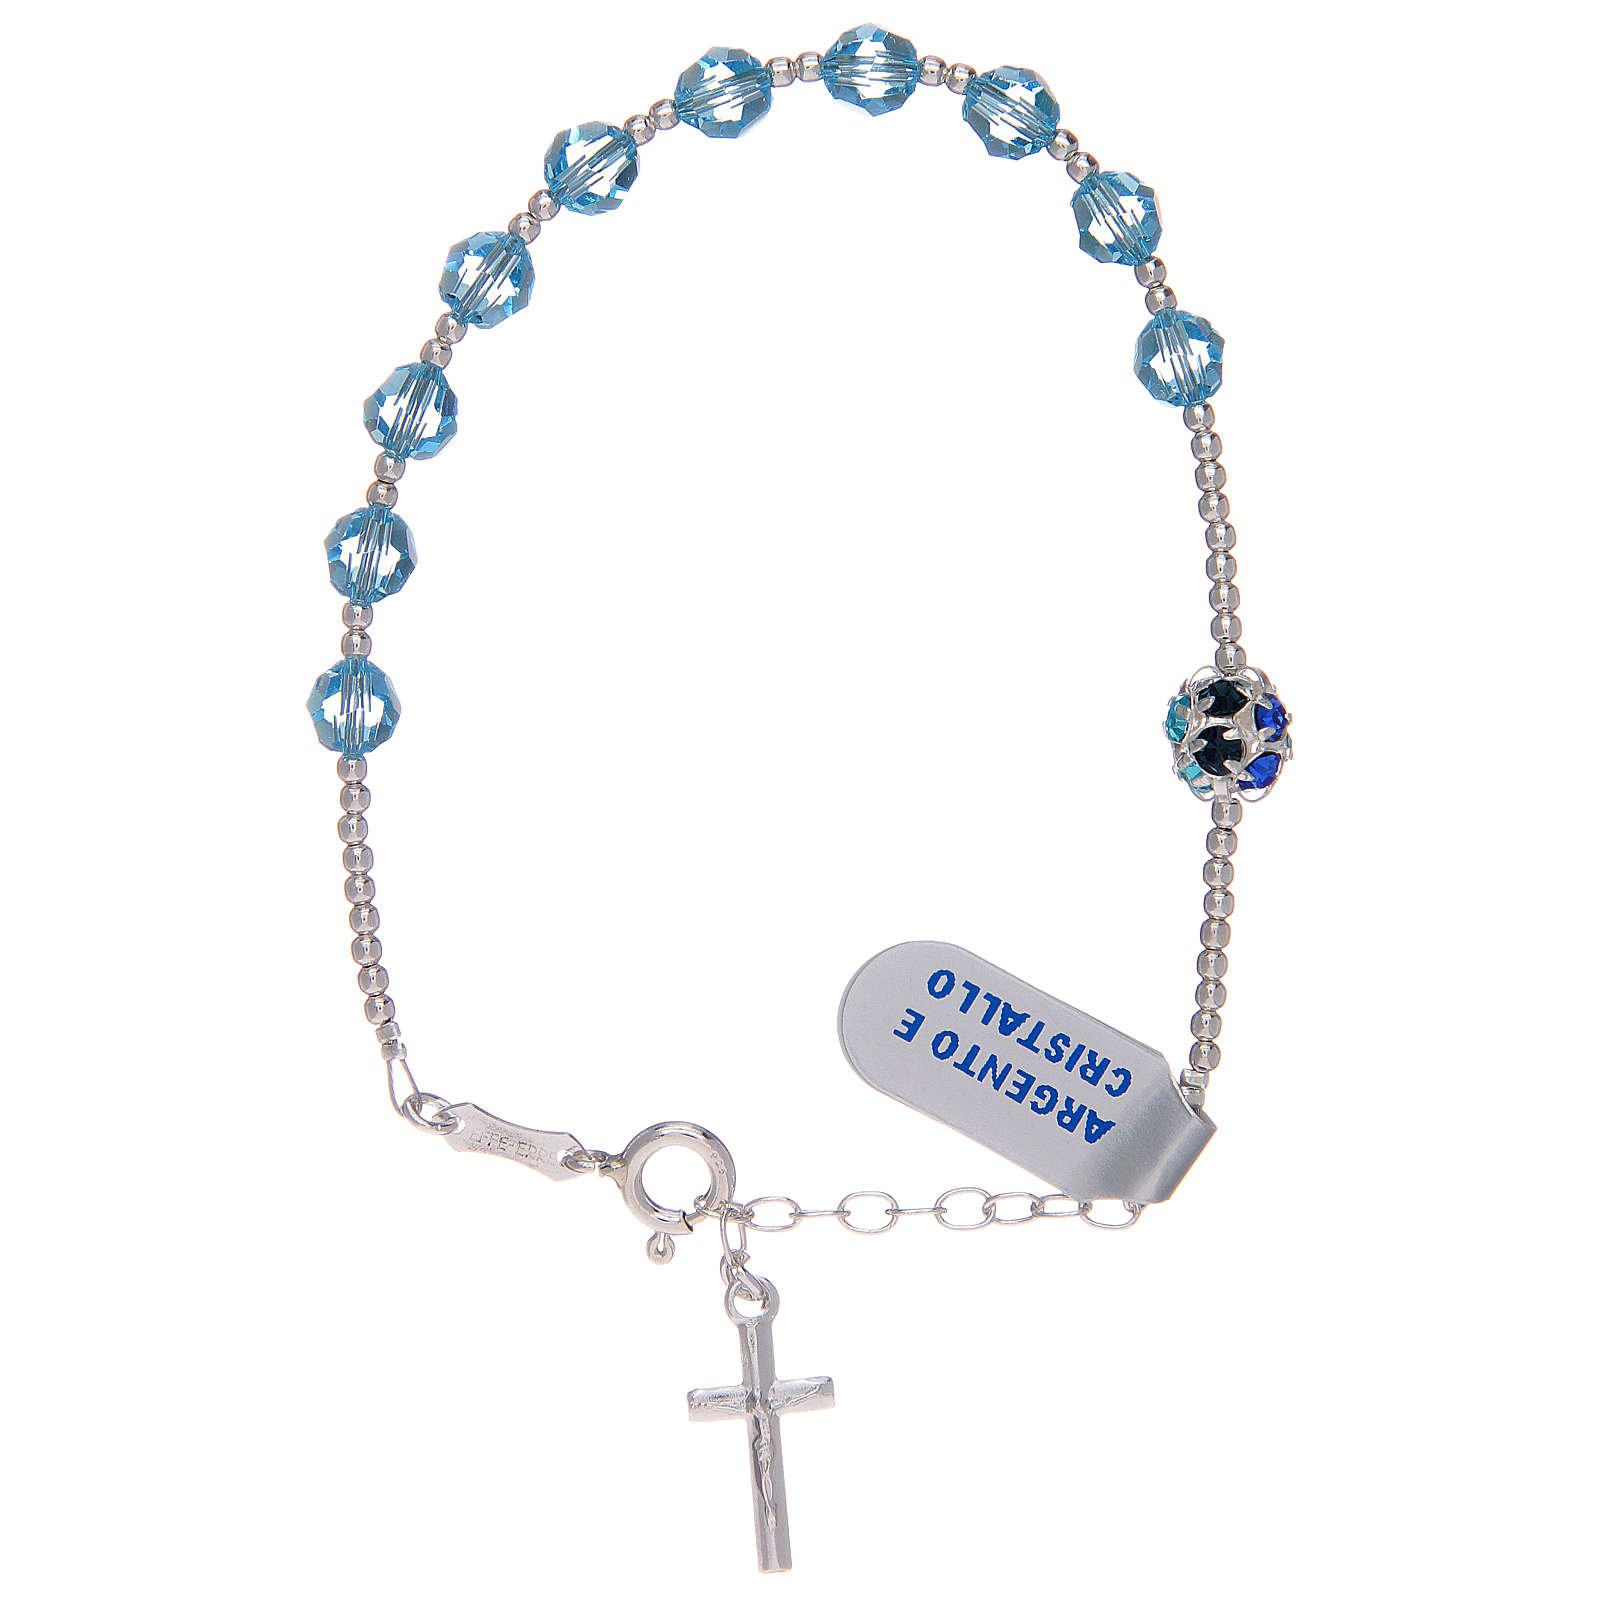 Dozen rosary bracelet in 800 sterling silver with sky blue Swarovski 4